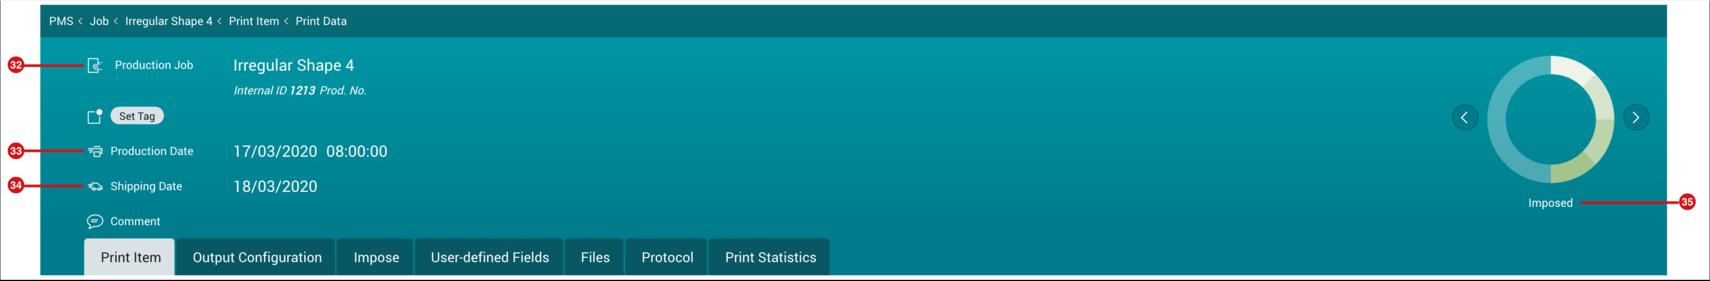 PMS WebGui :: Print Data